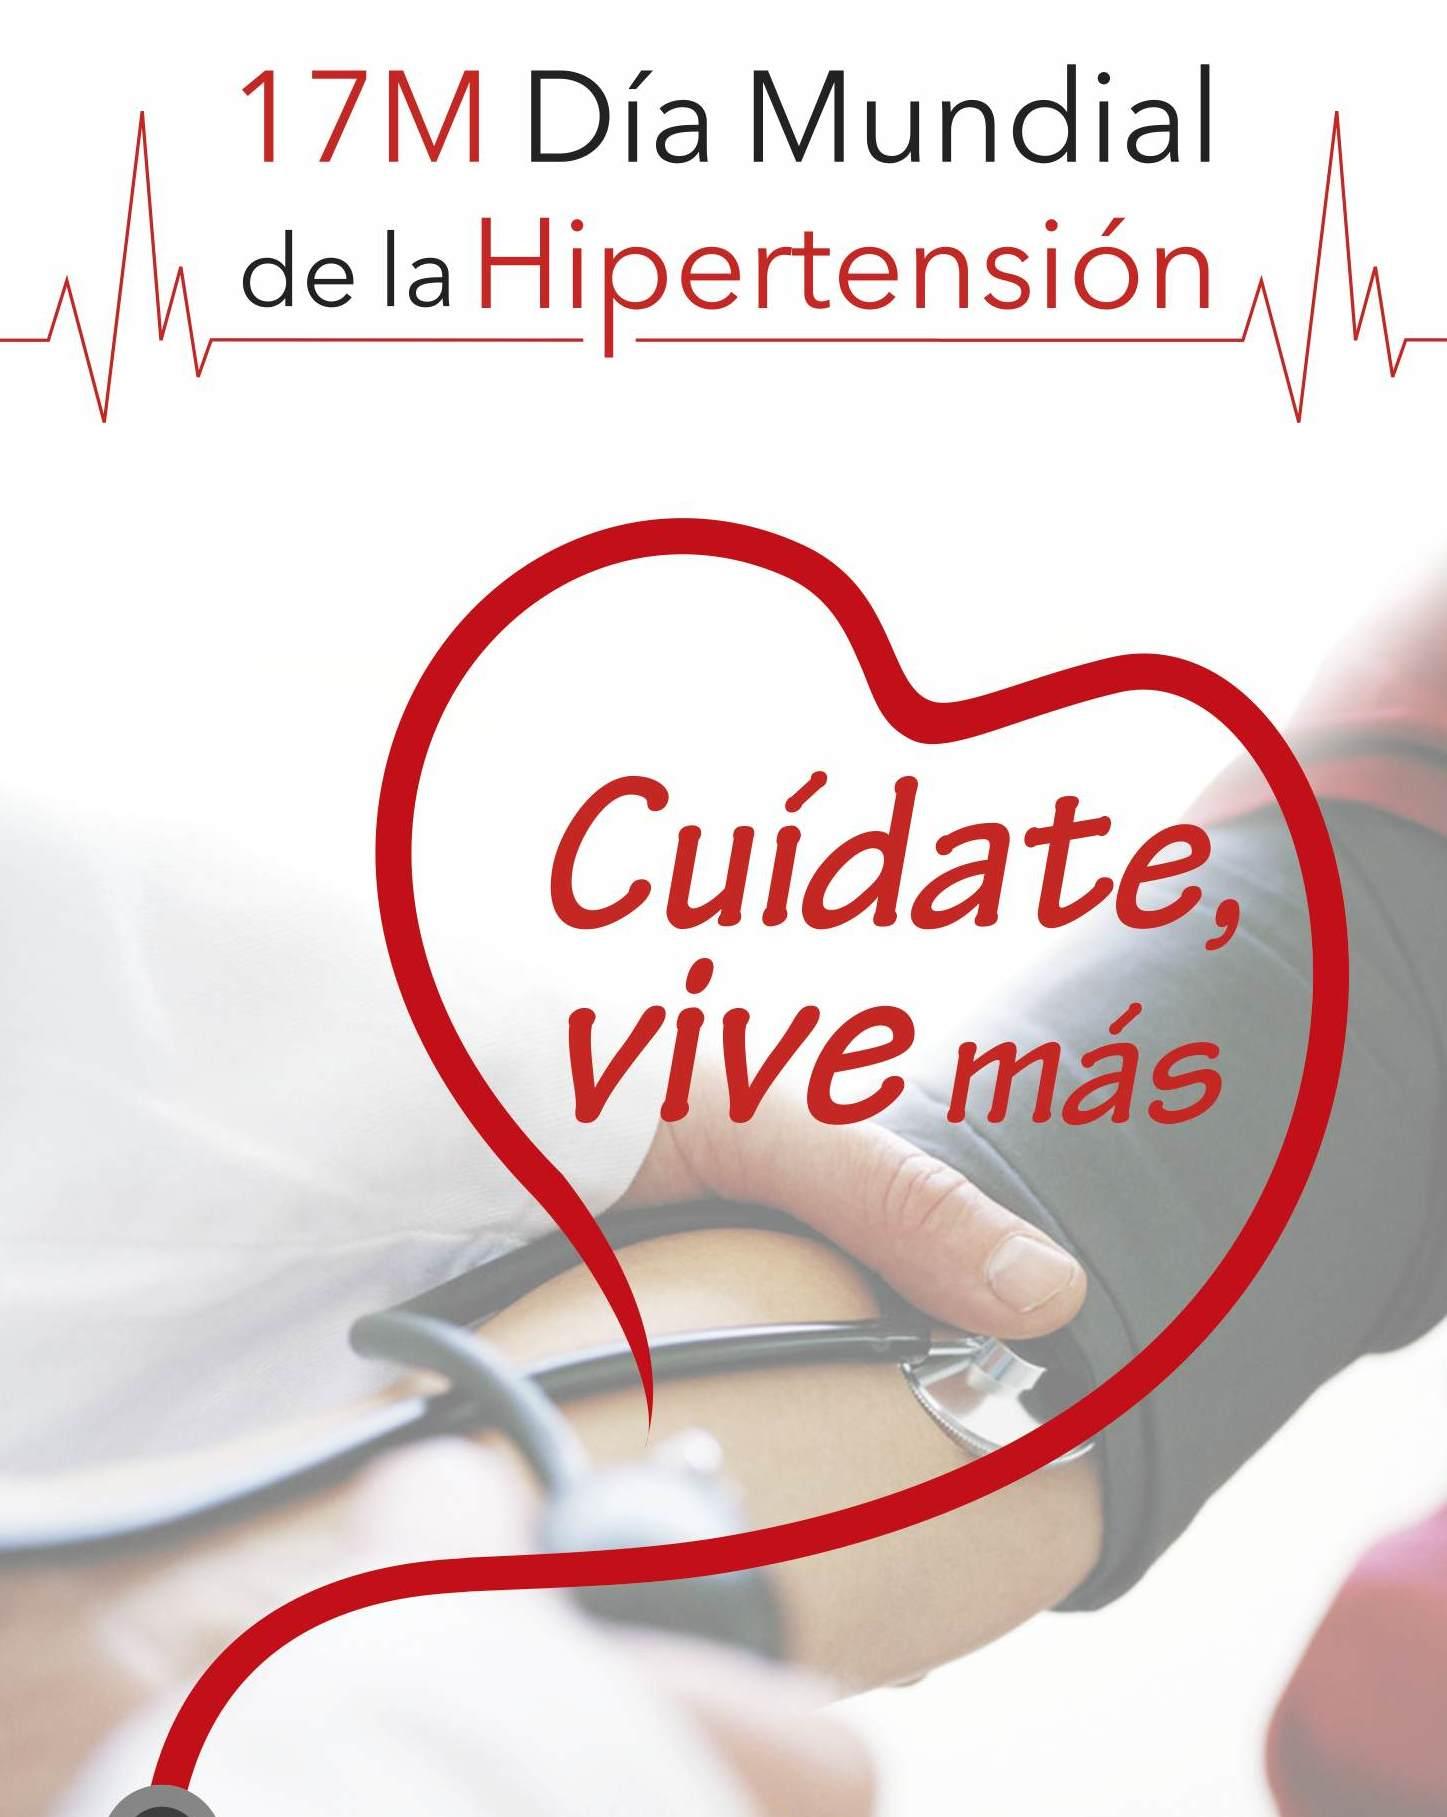 La frecuencia de hipertensión arterial entre los..